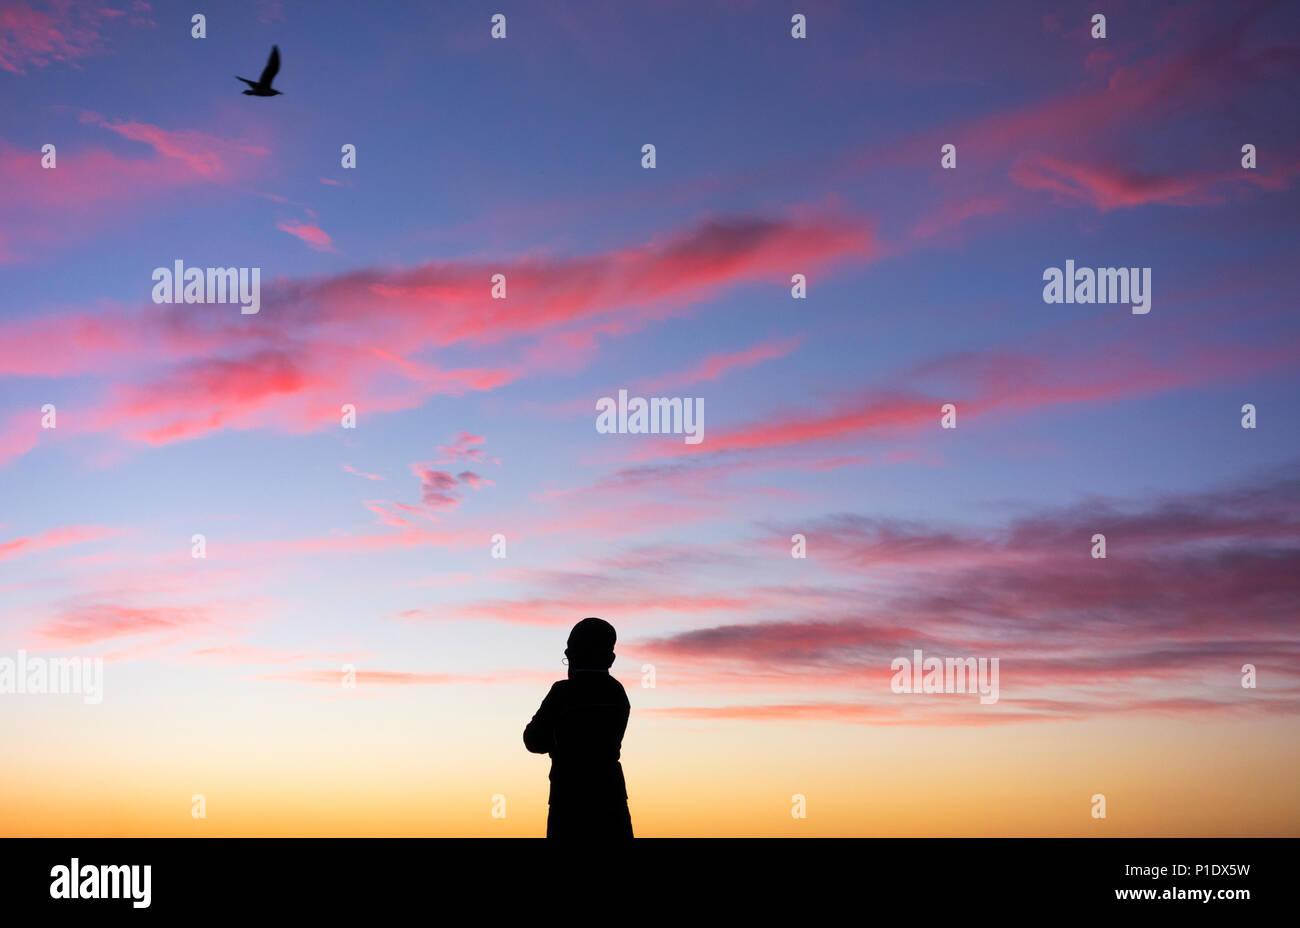 Vue arrière de la femme silhouetté contre soleil colorés comme oiseau vole au plafond: la santé mentale, la dépression, la pensée positive femelle image concept... Photo Stock